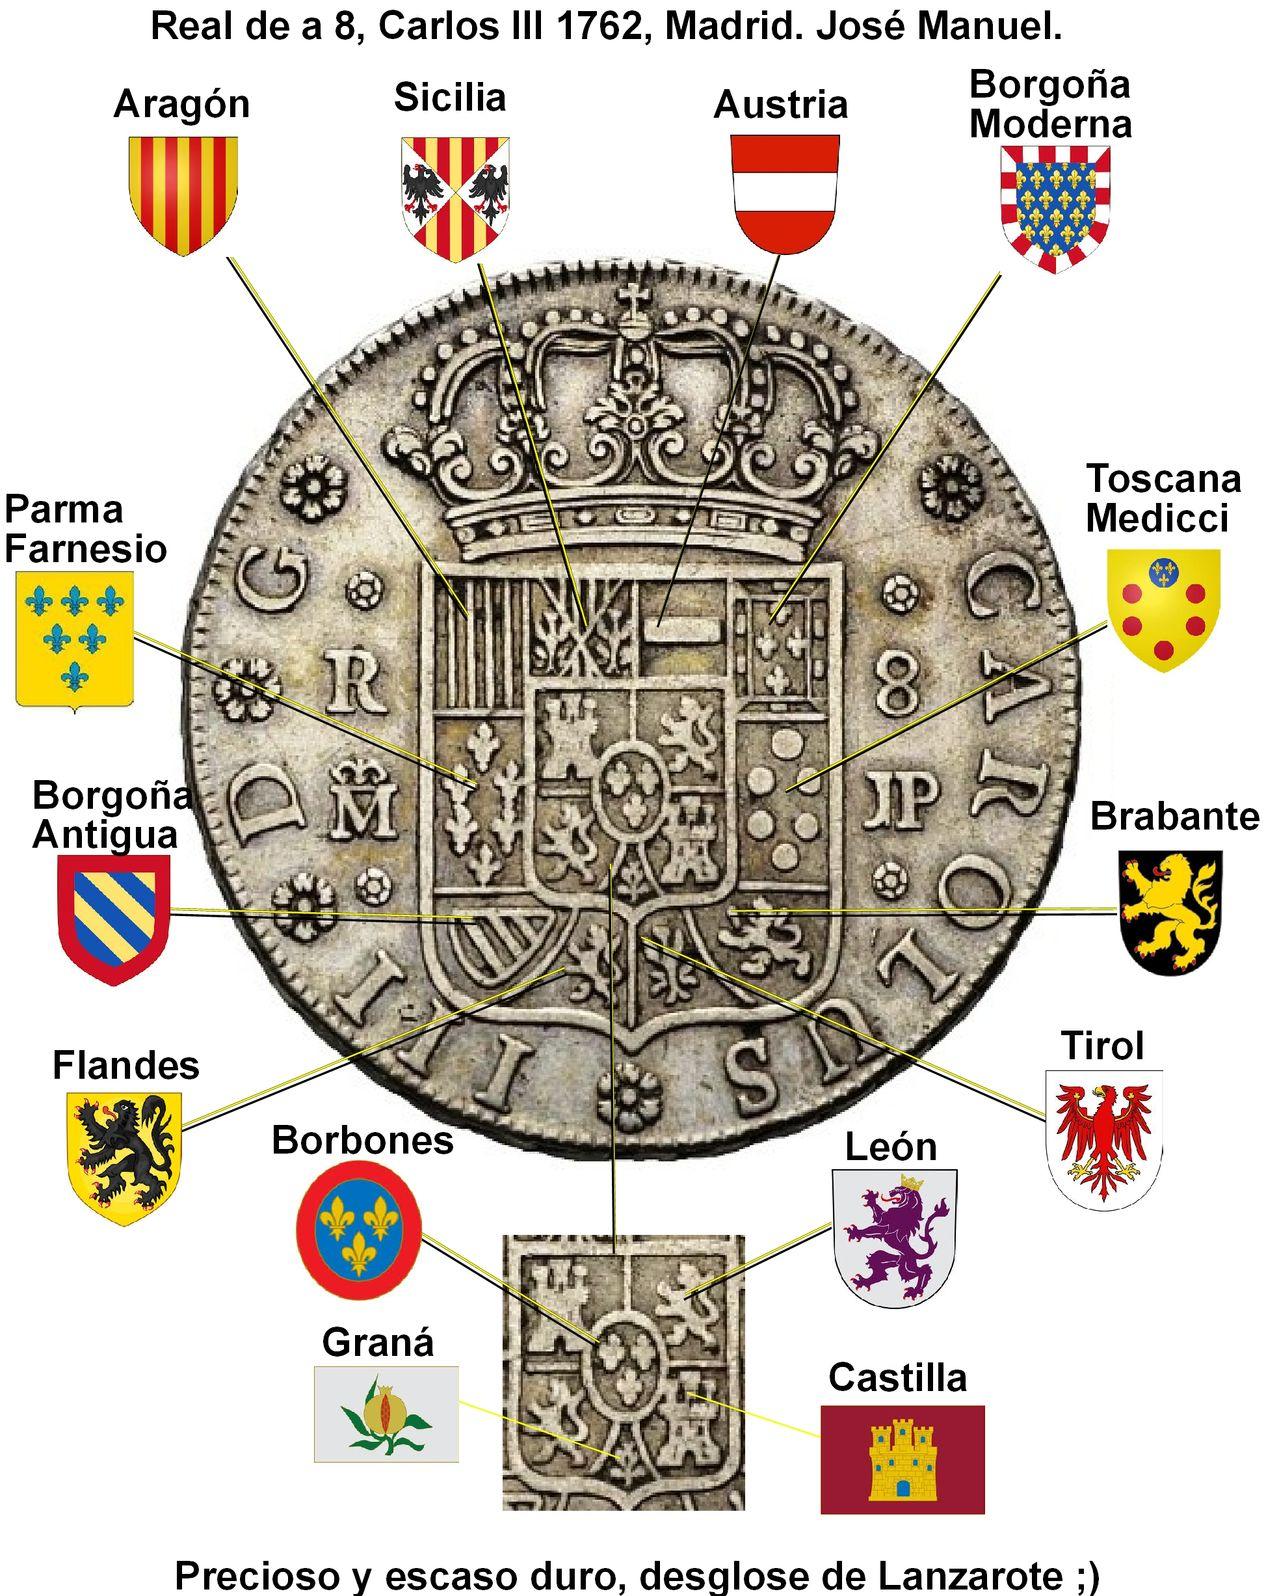 8 REALES PENINSULARES DE CARLOS III - 1762 - MADRID 8_reales_1762_desglose